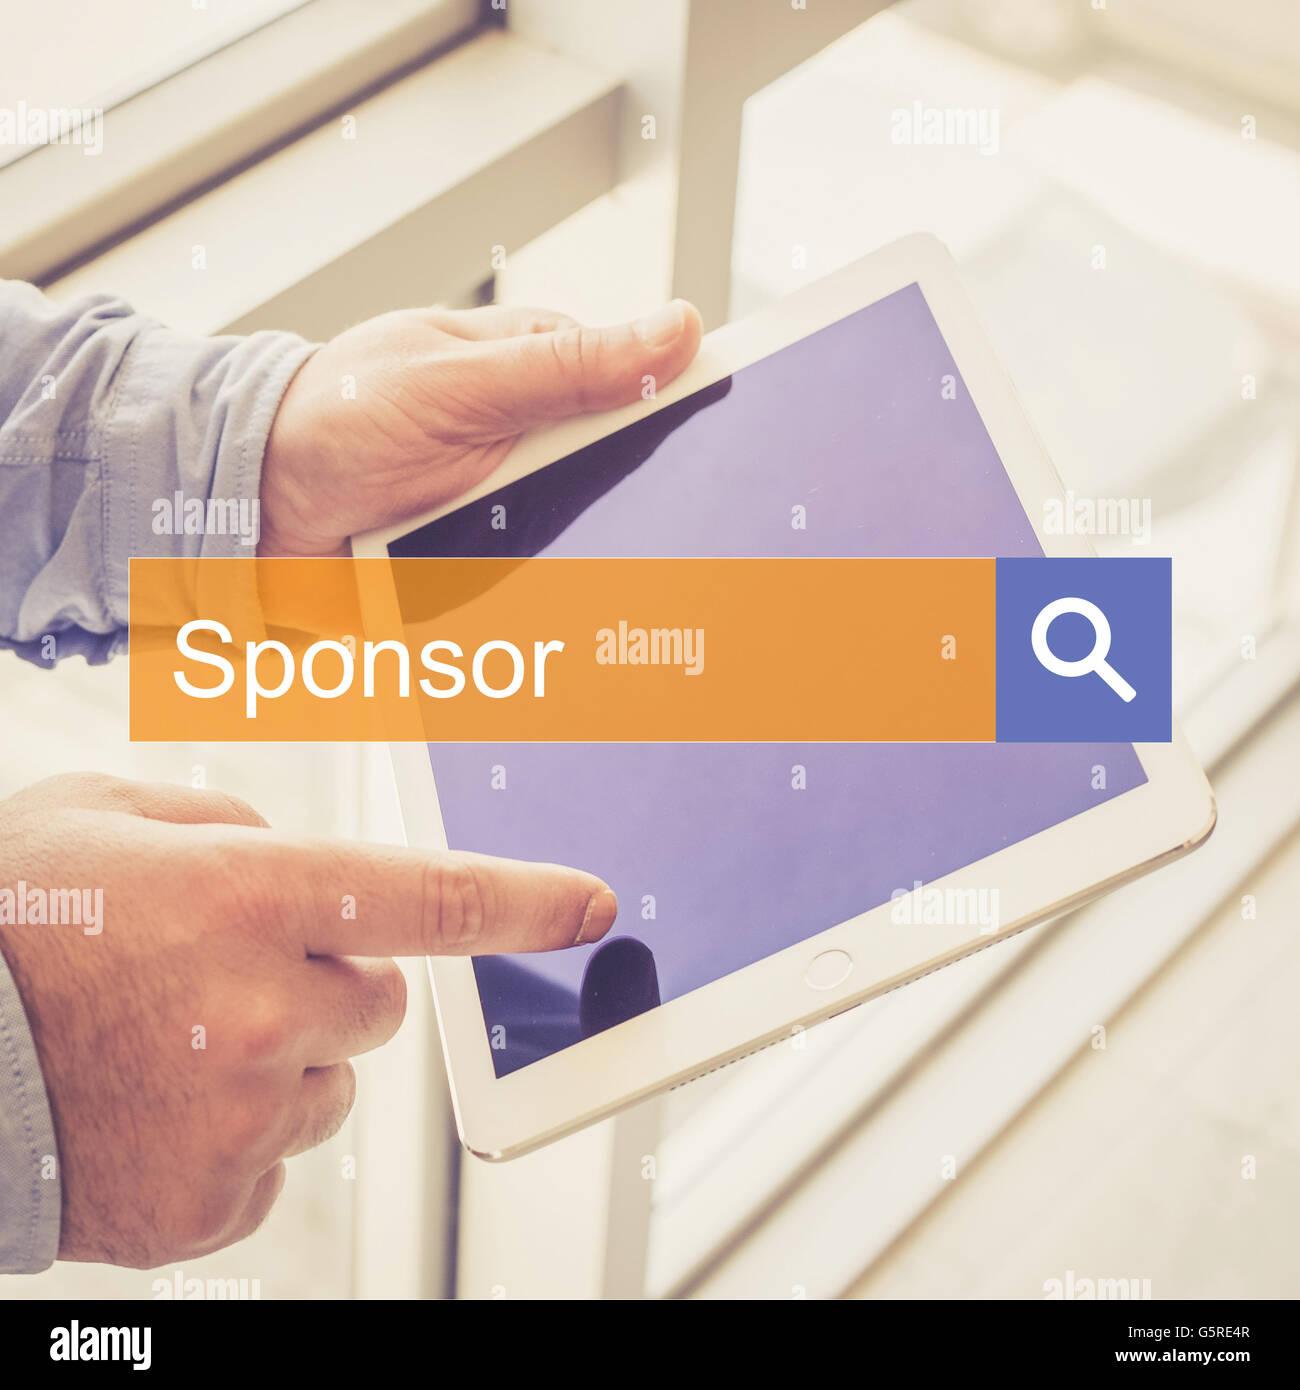 Suche Technologie Kommunikation Sponsor TABLET Feststellung Konzept Stockbild